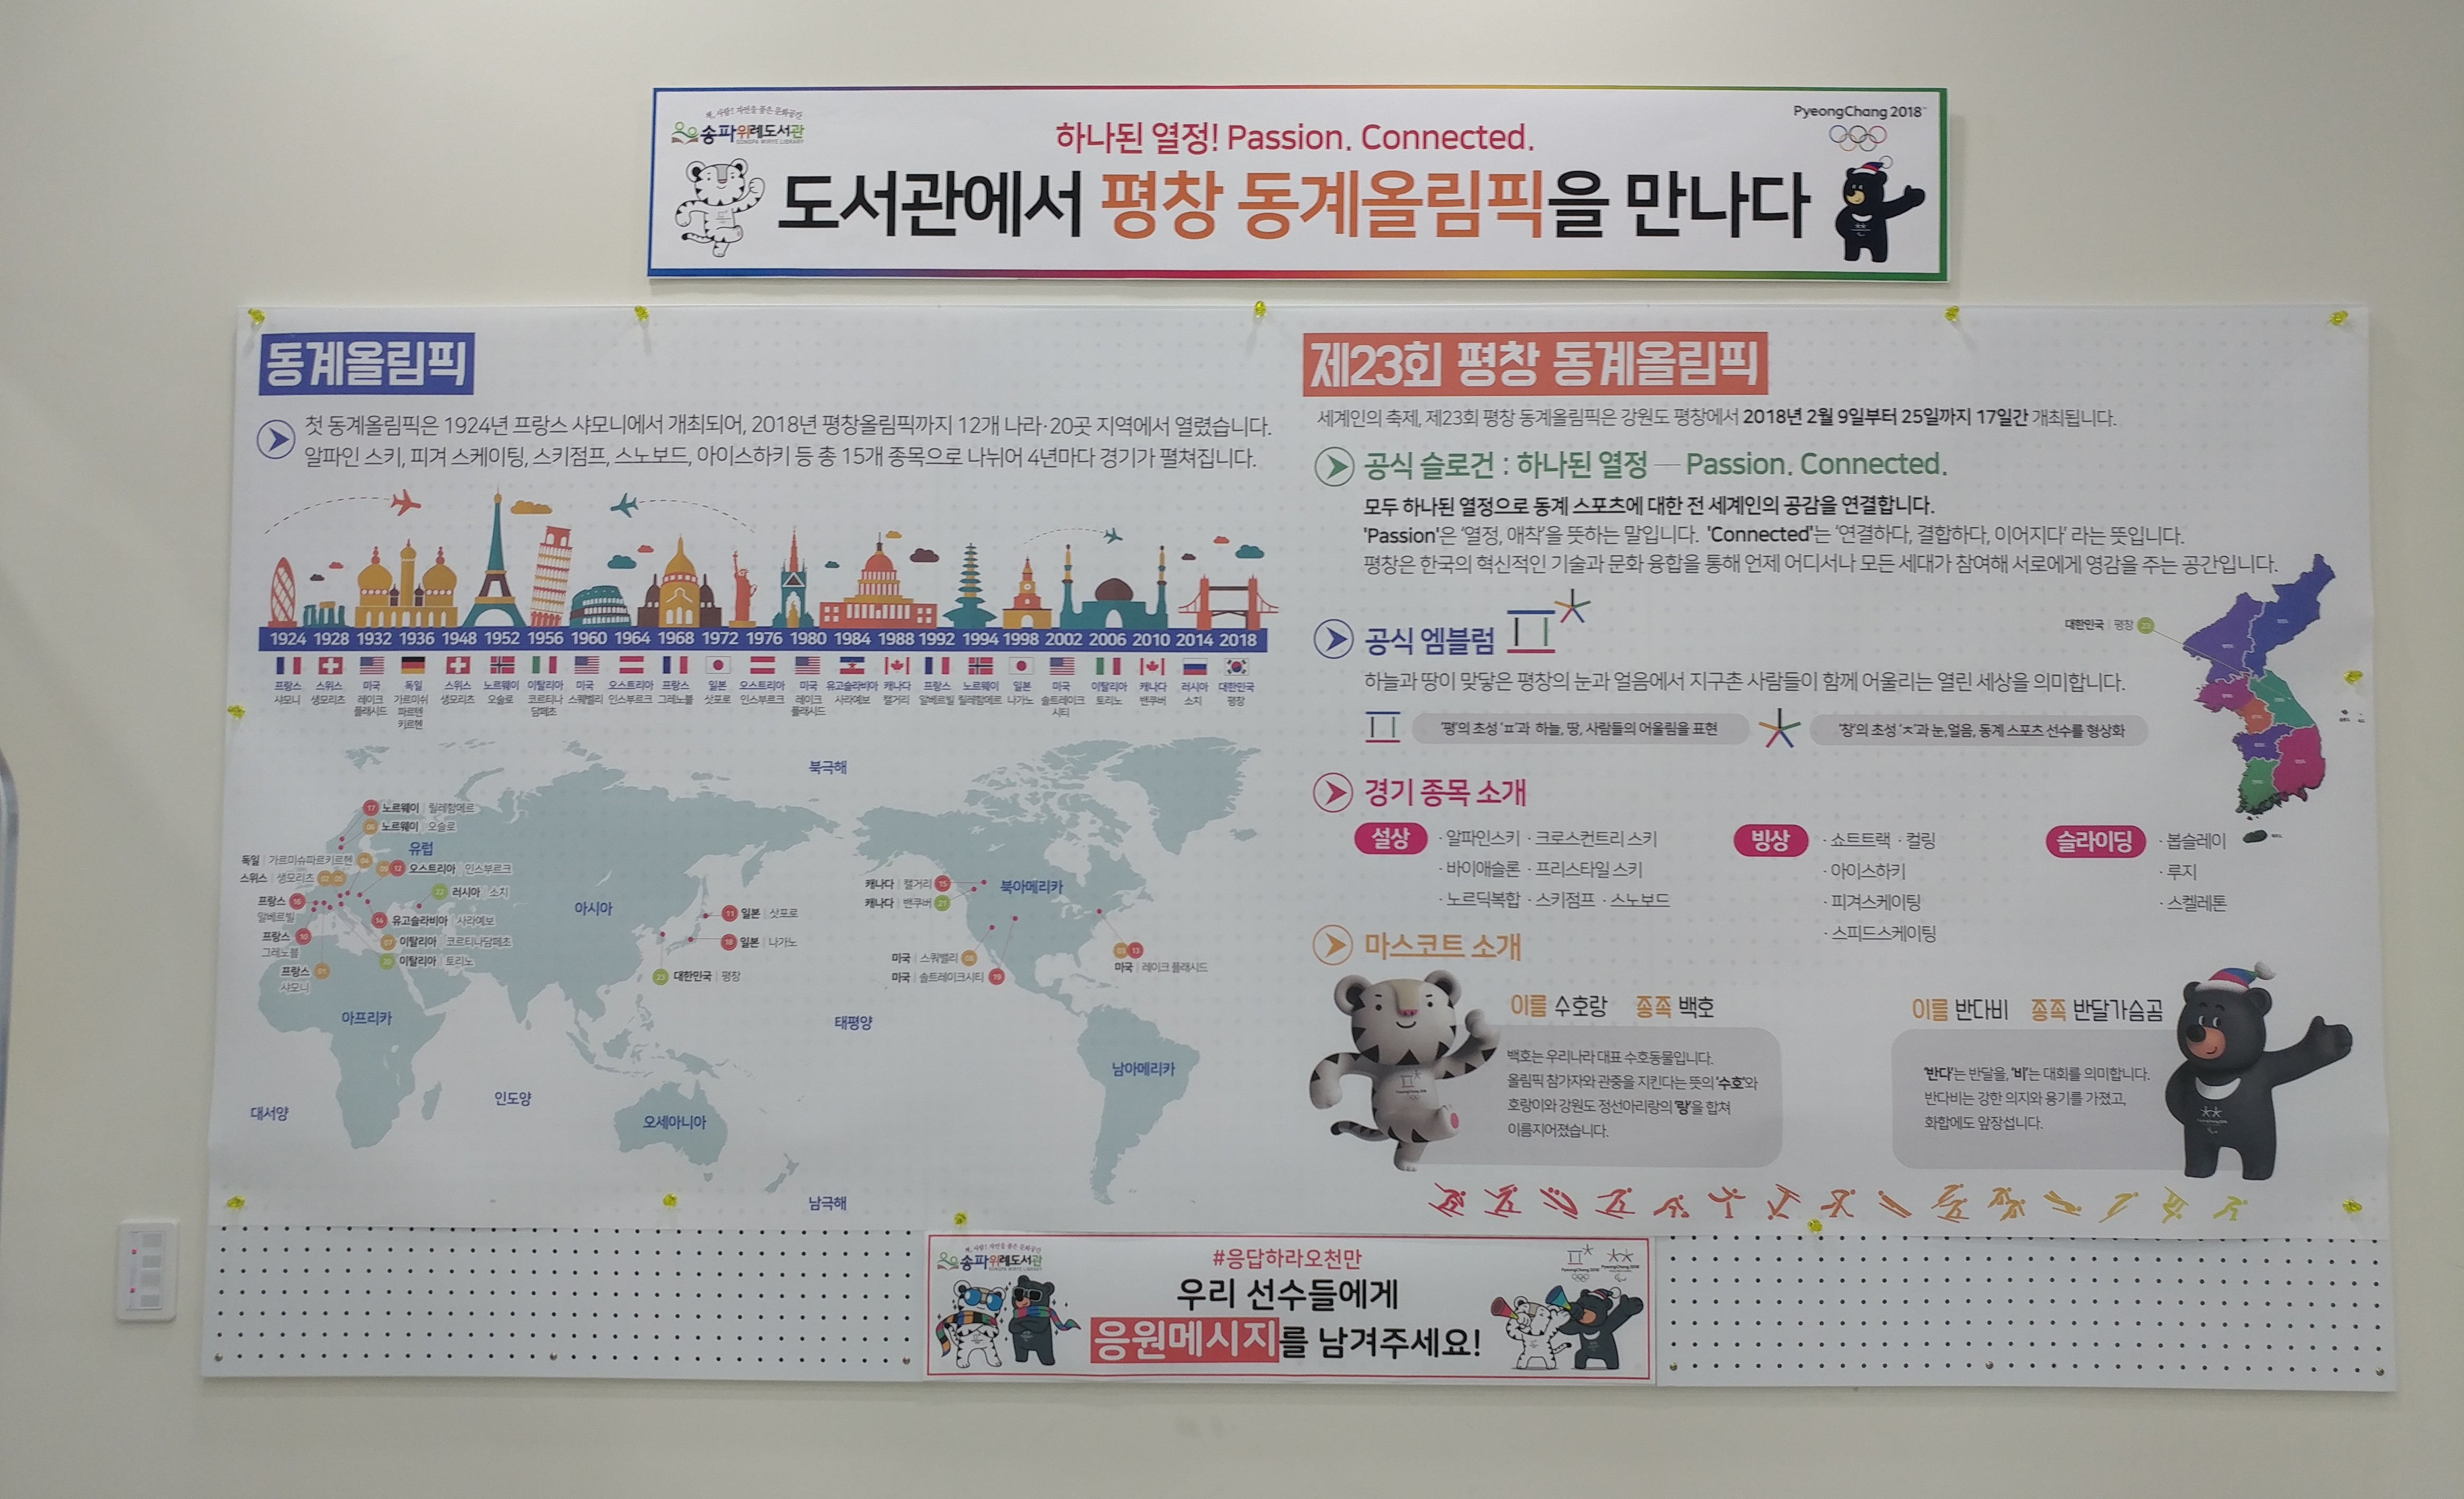 동계올림픽 현황 정보 지도 전시.jpg